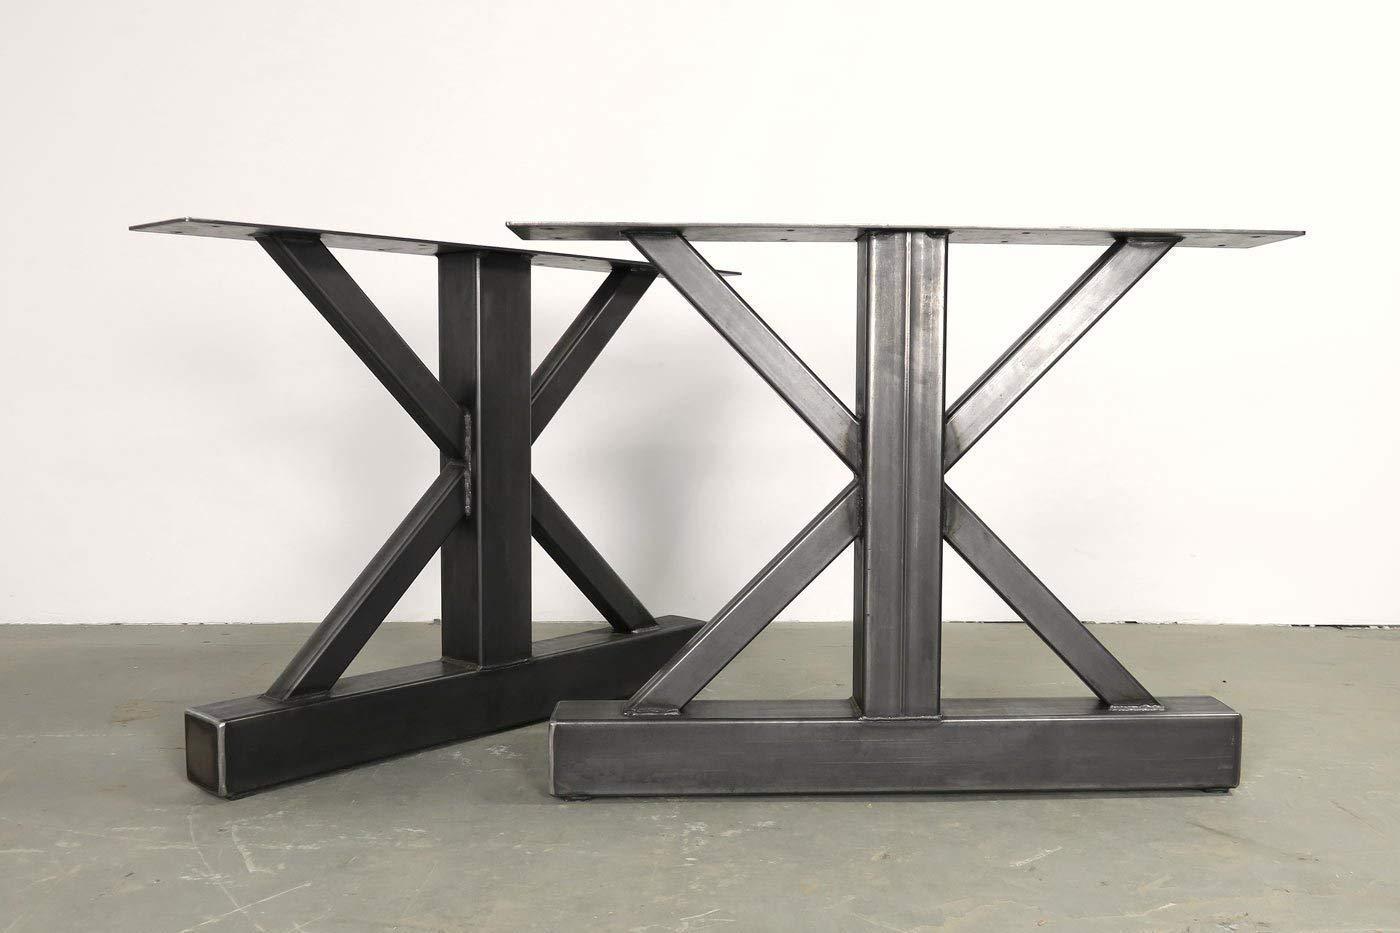 Metal Table Legs 28 Inch Table Base Dining Table Legs Custom Sizes Table Base Industrial Table Base Farmhouse Table Legs Handmade